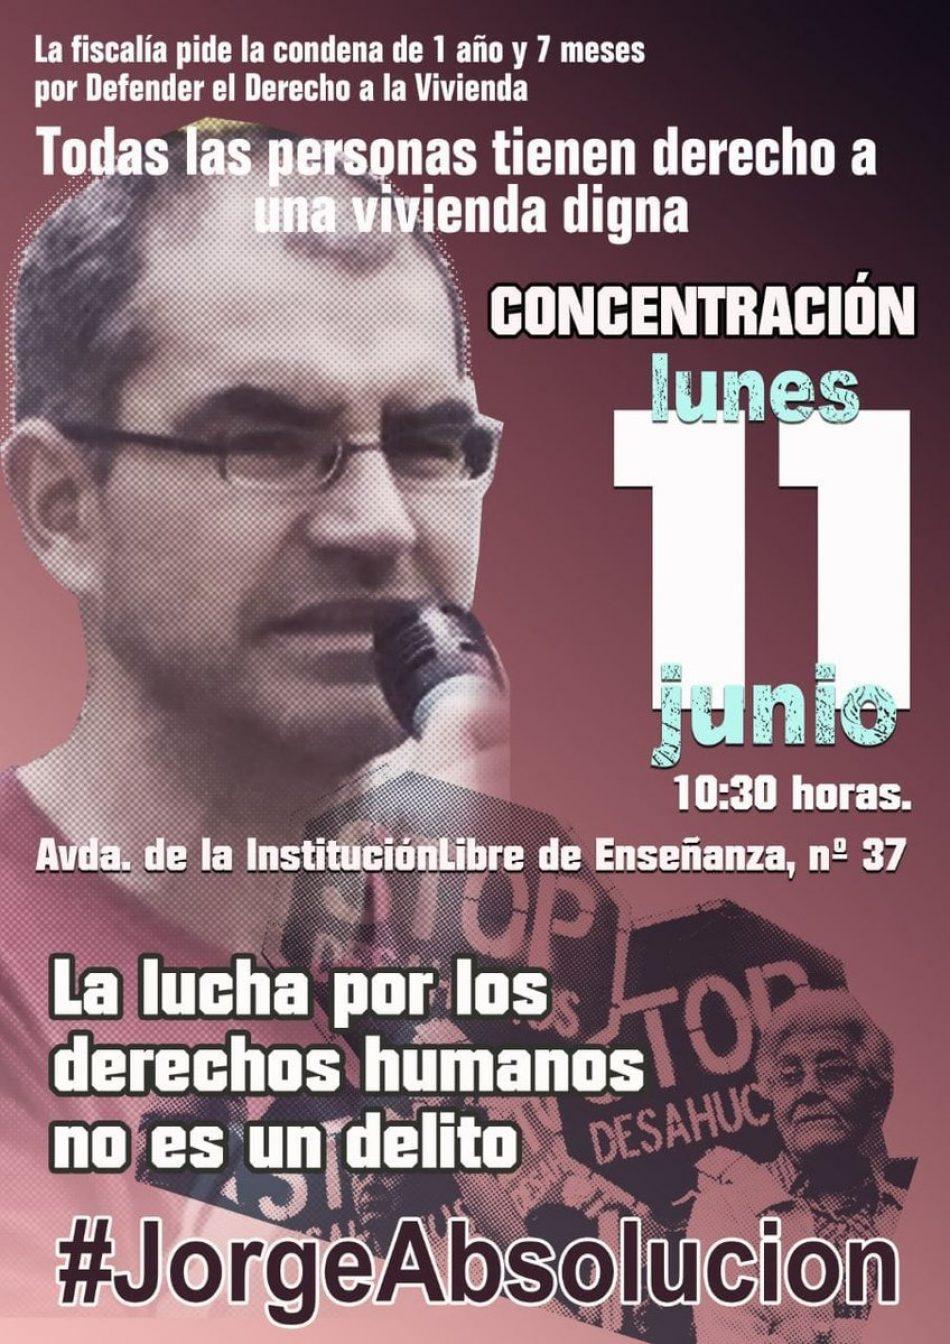 #JorgeAbsolución: concentración en apoyo a un activista detenido al resistir un desahucio en Vallecas. Denuncian montaje policial